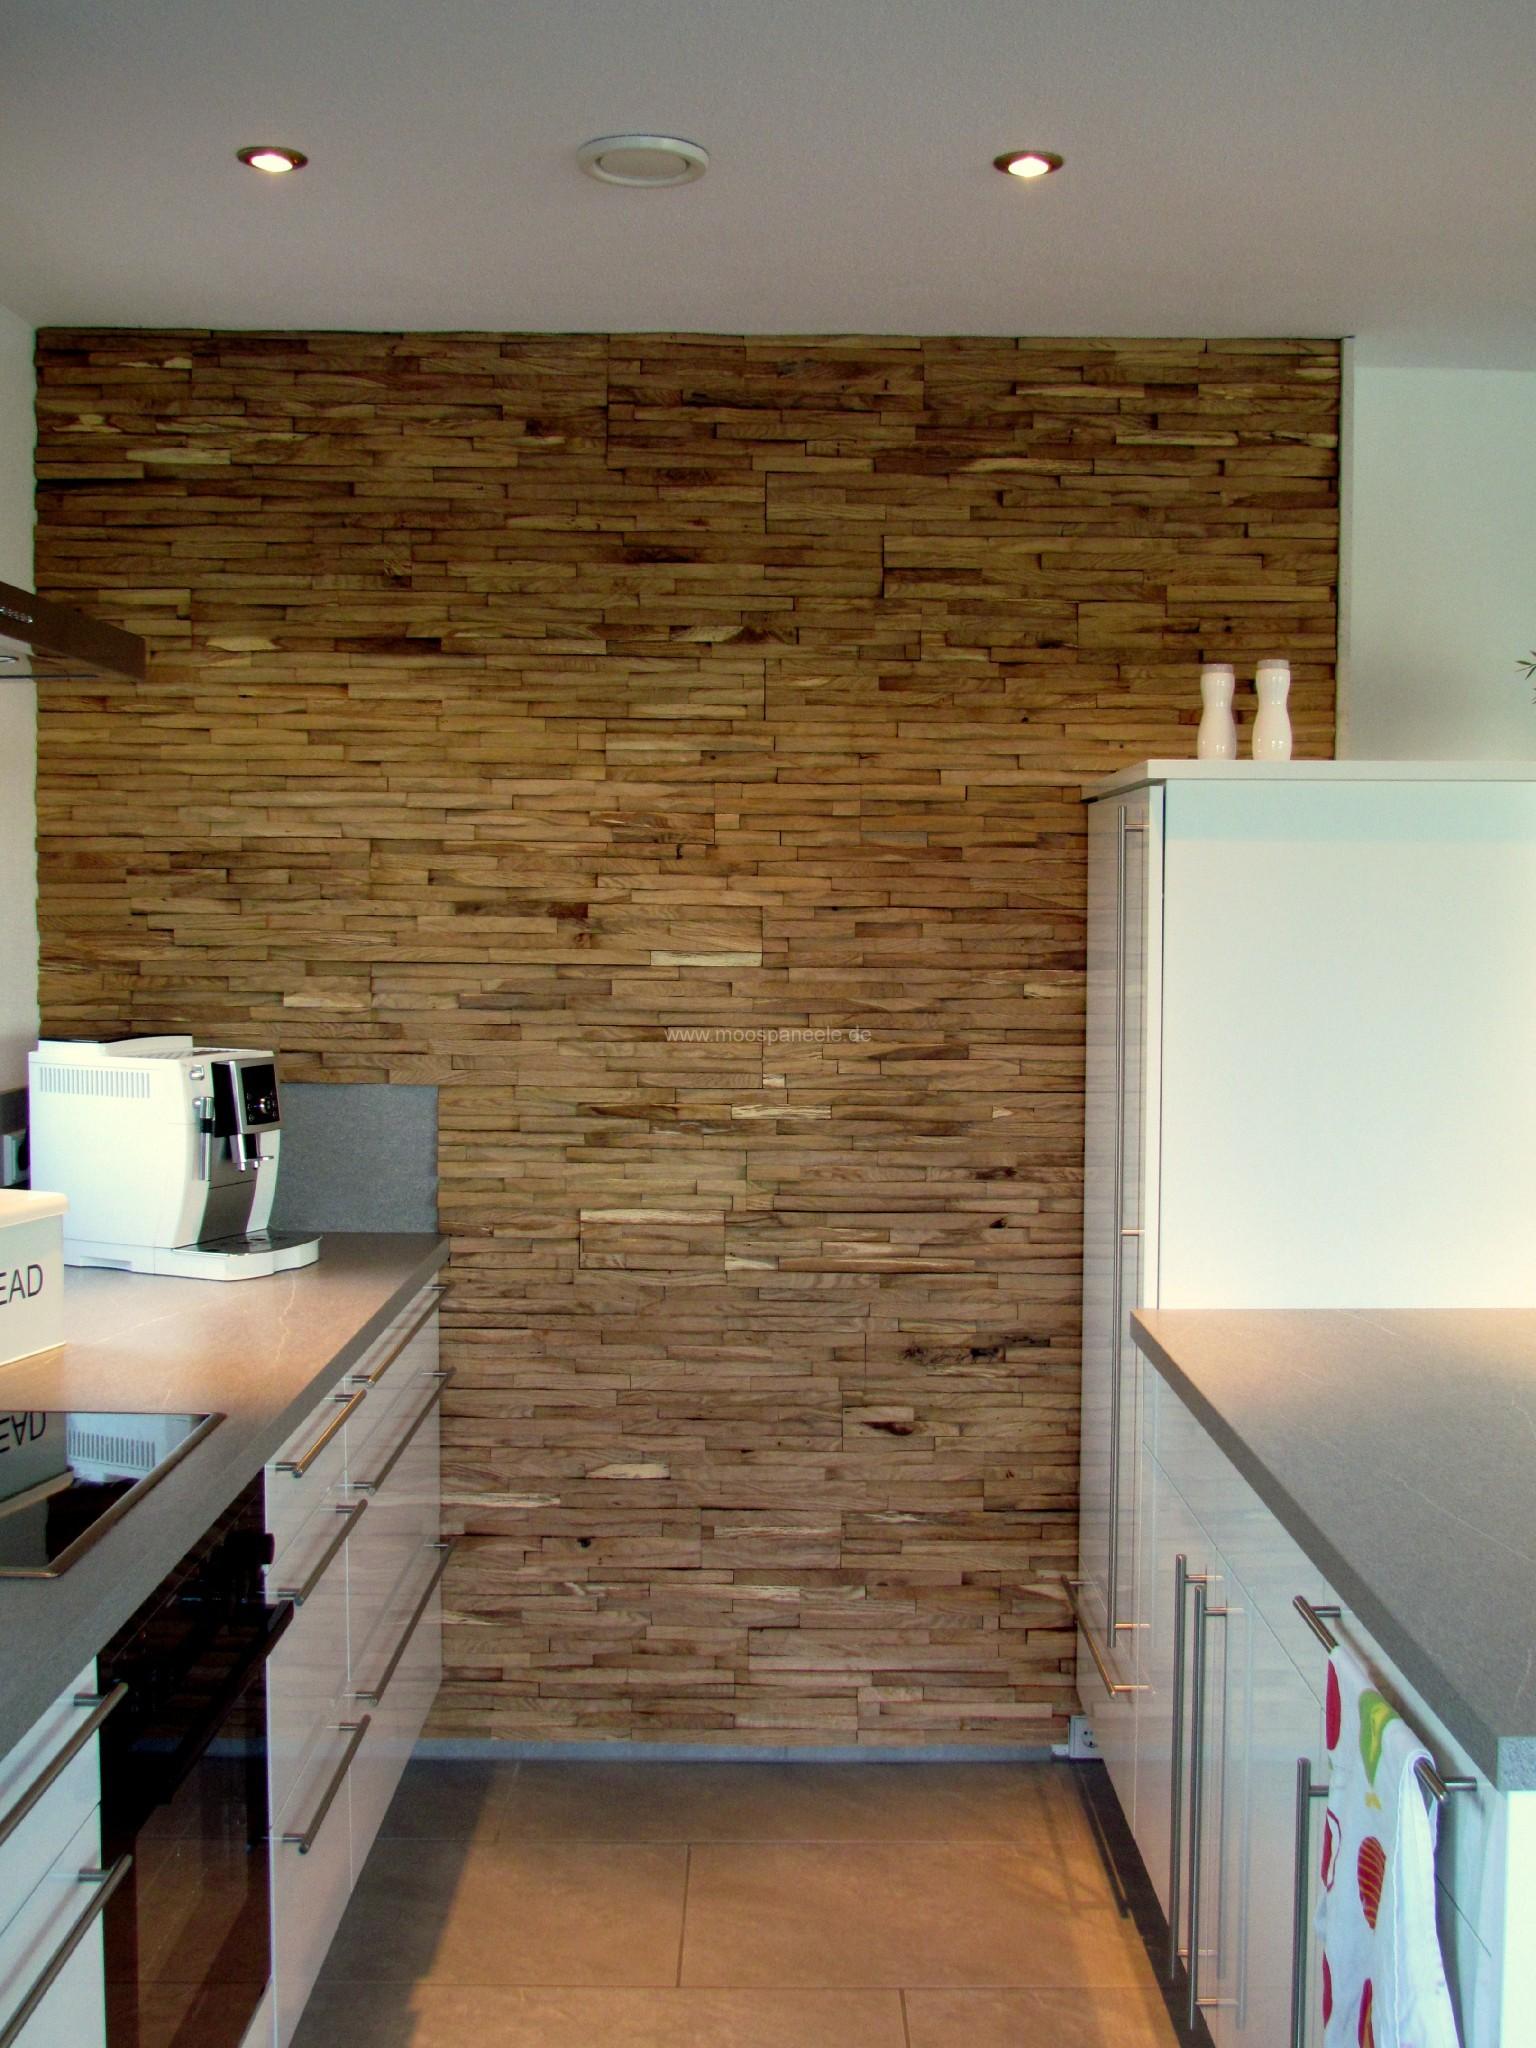 Full Size of Wandpaneele Küche Arbeitsplatte Eckunterschrank Grillplatte Gebrauchte Einbauküche Büroküche Billig Einzelschränke Lüftung Industrial Inselküche Wohnzimmer Wandpaneele Küche